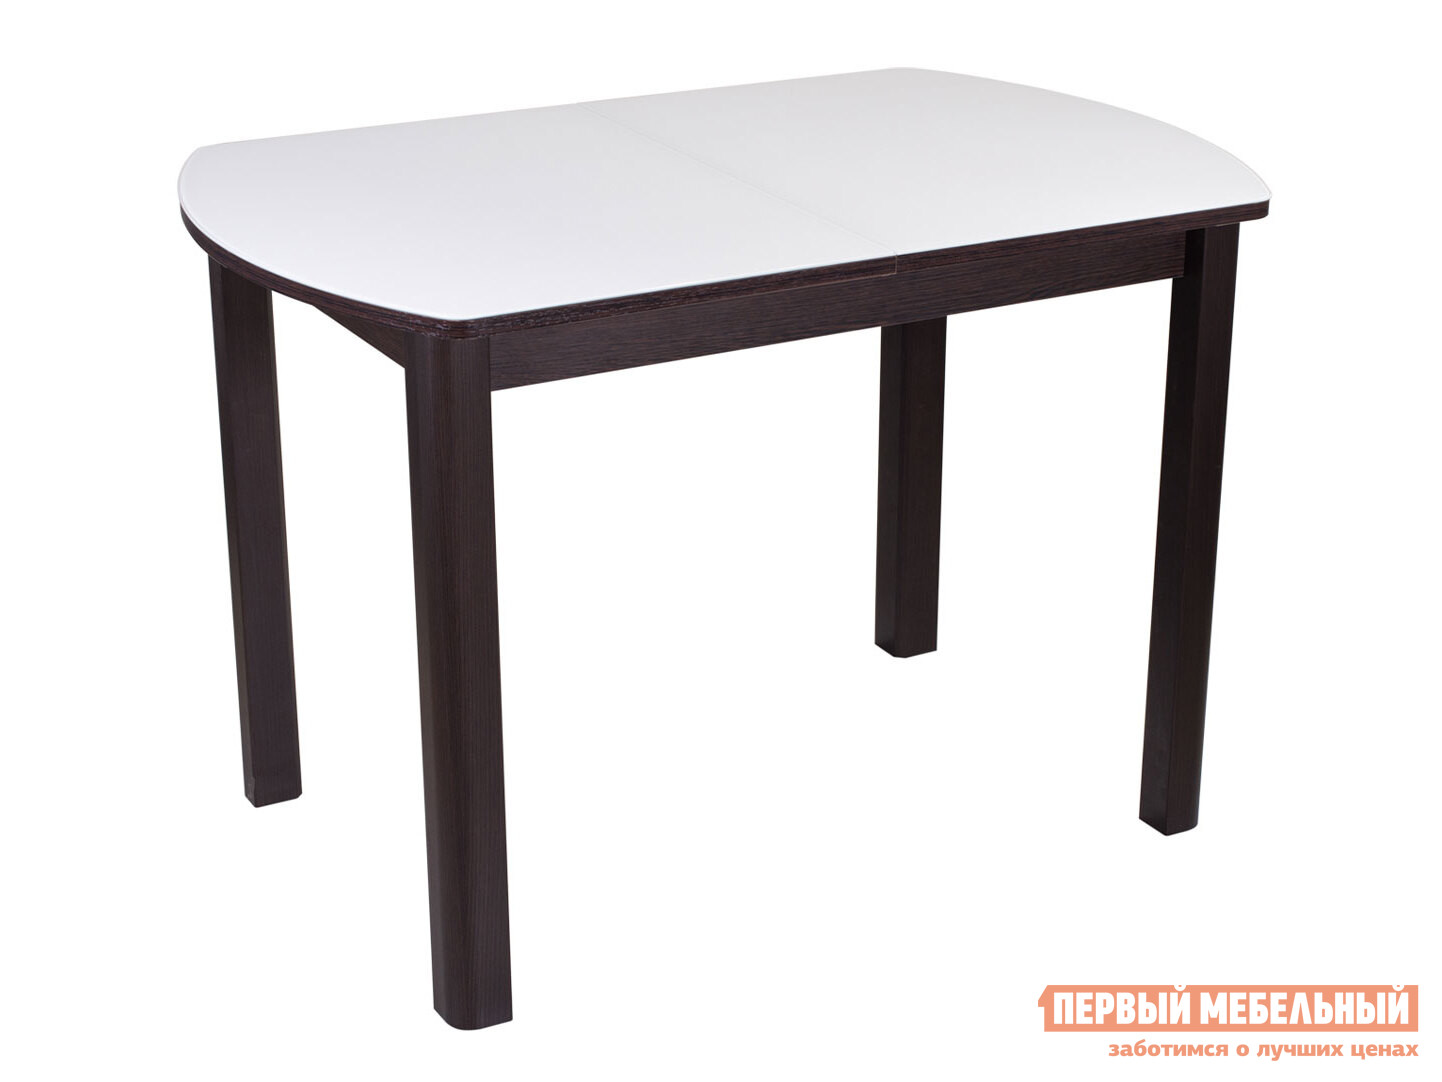 Фото - Кухонный стол Домотека Танго ПО со стеклом с ножками 04 стол домотека танго по бл ст 71 07 вп бл